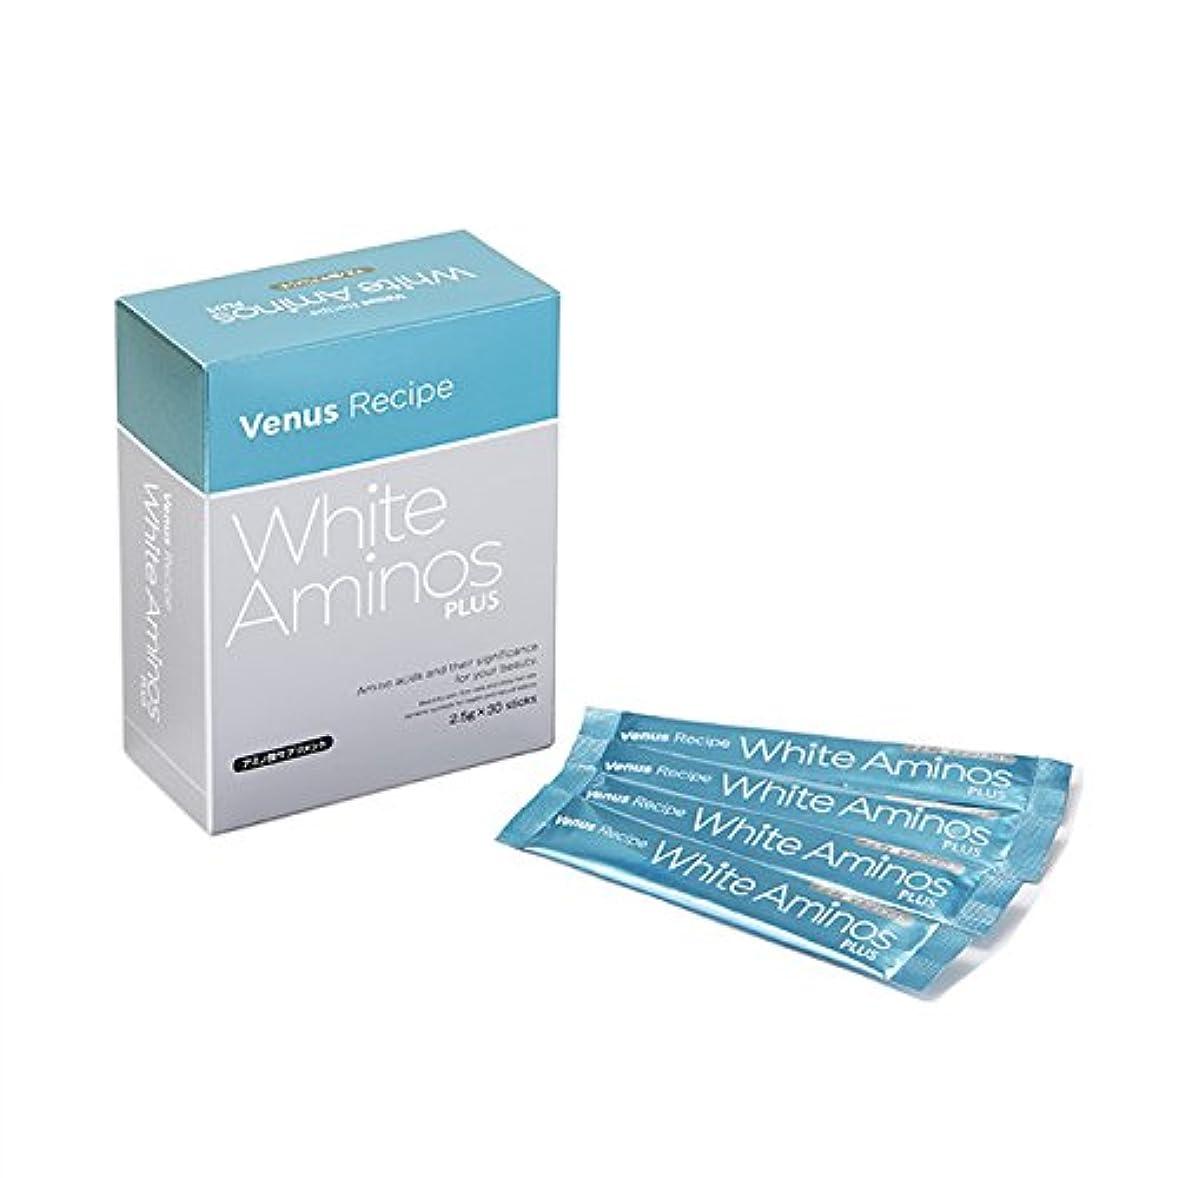 先生液化する赤ちゃんアクシージア (AXXZIA) ヴィーナスレシピ ホワイト アミノズ プラス 75g/1箱(30包×1包2.5g入り)